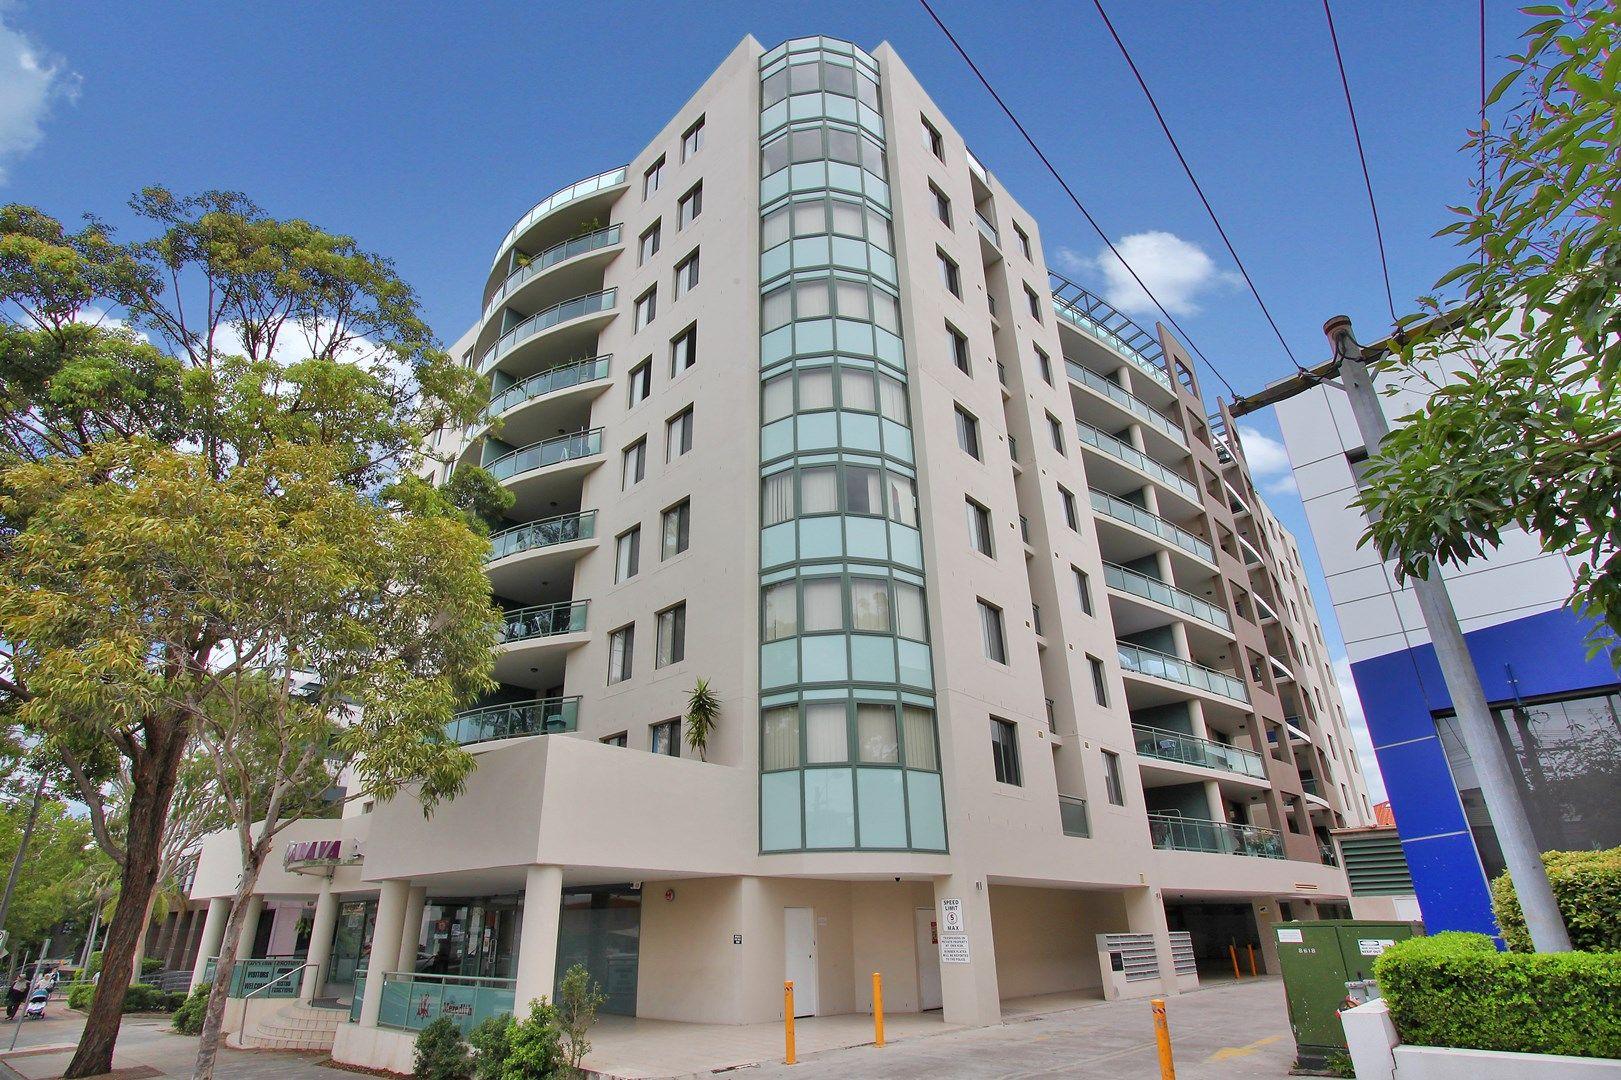 905/16-20 Meredith Street, Bankstown NSW 2200, Image 0